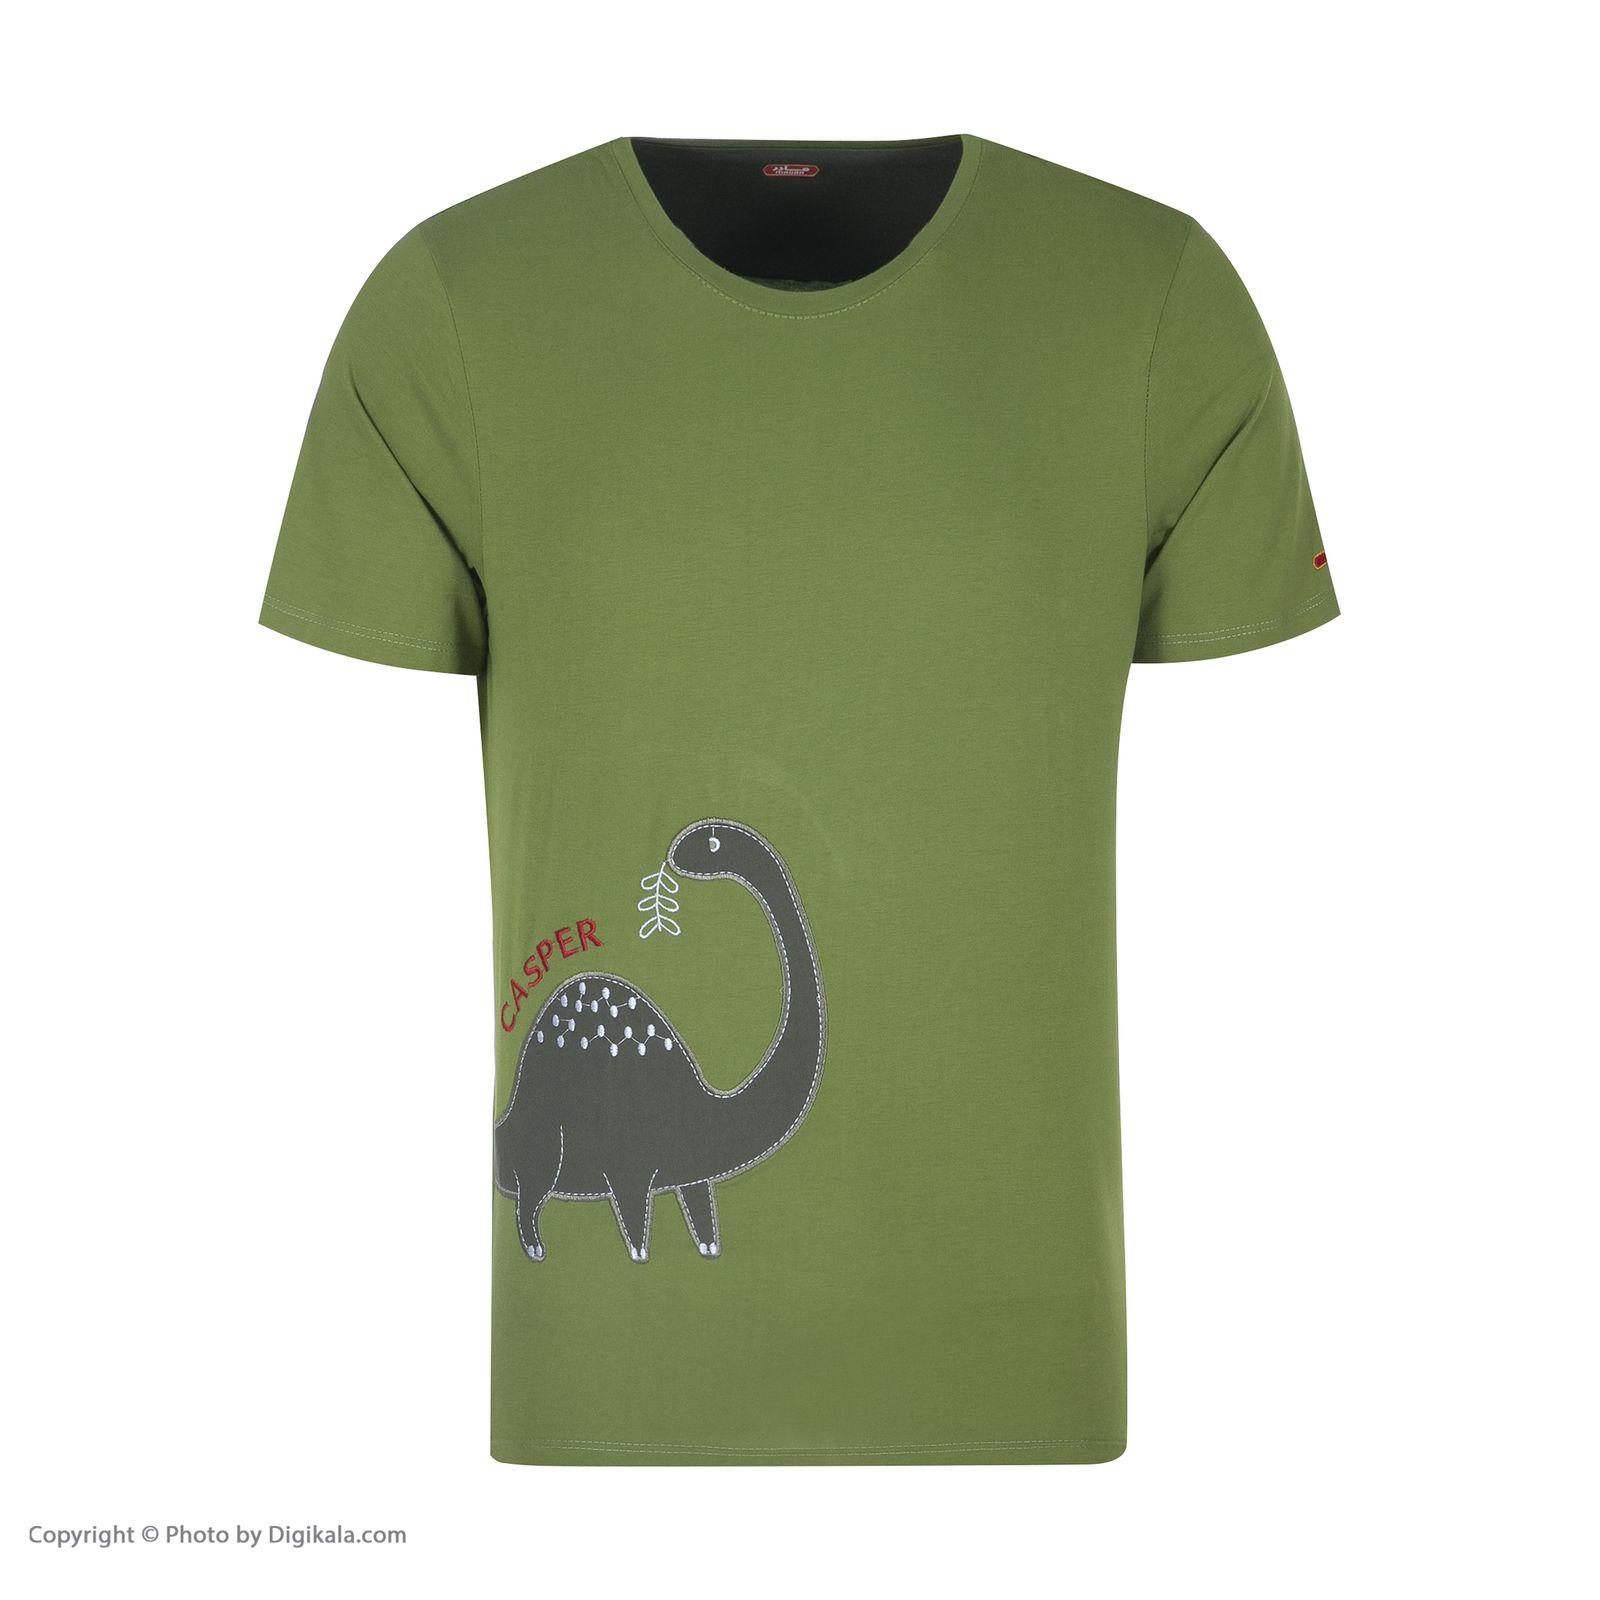 ست تی شرت و شلوارک راحتی مردانه مادر مدل 2041106-42 -  - 4